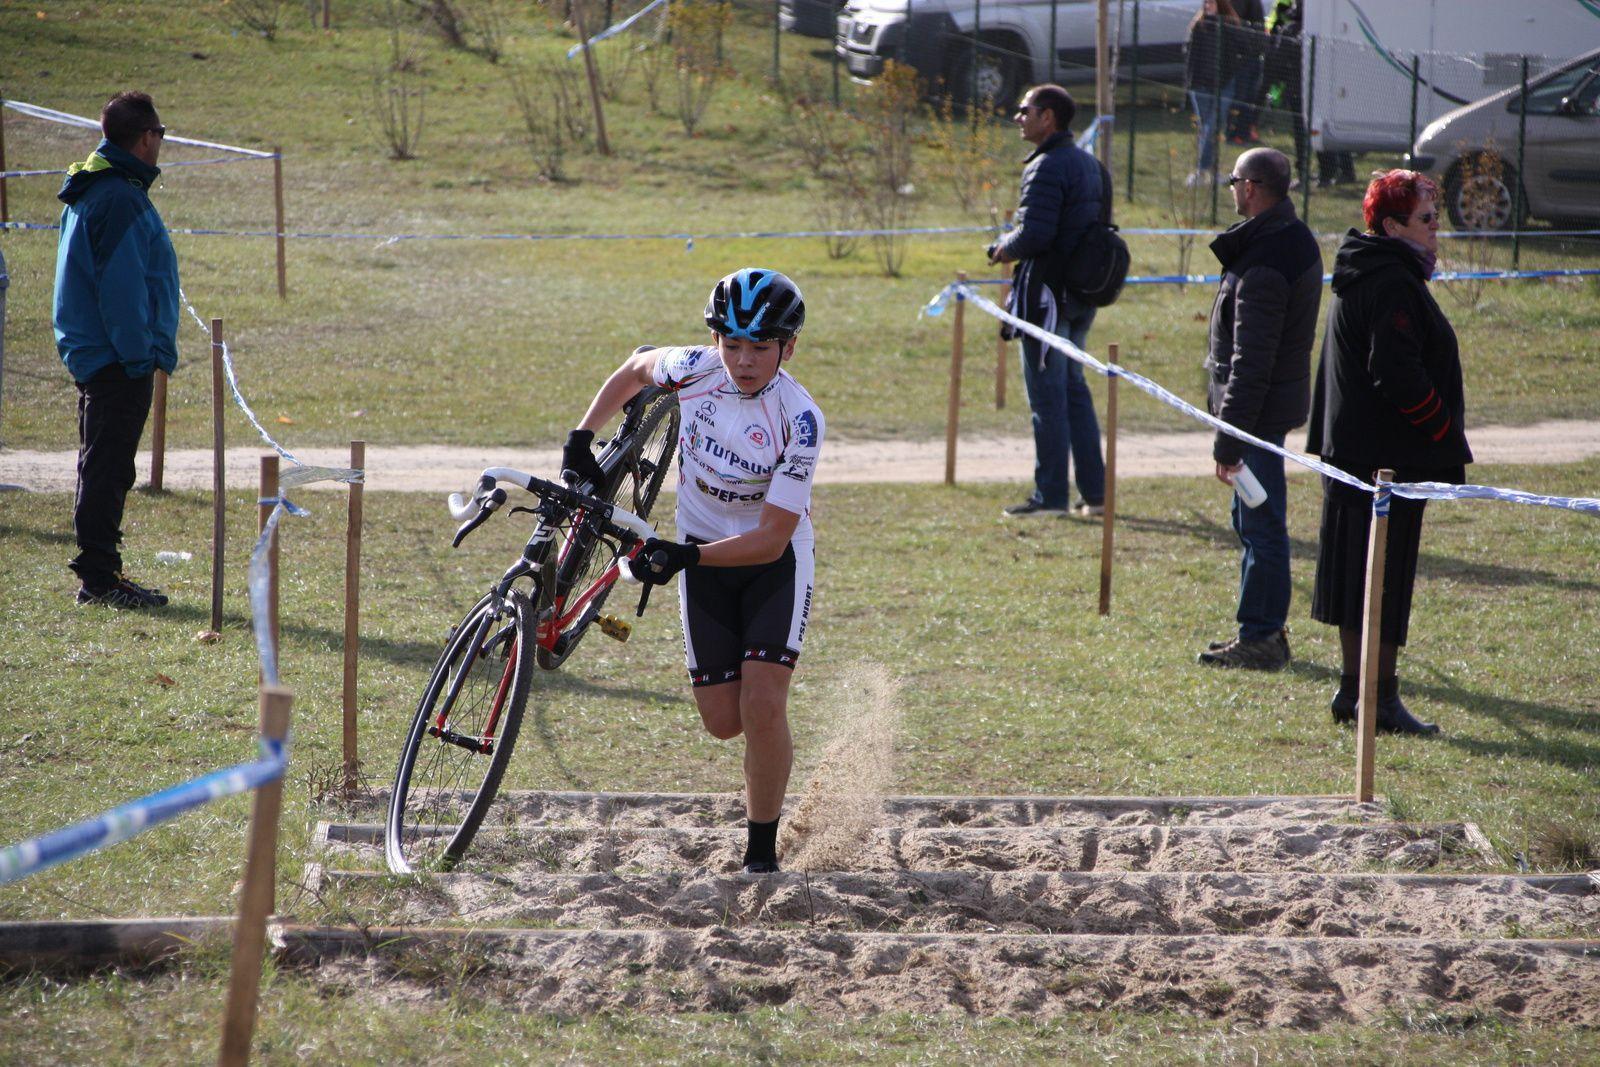 Le  coureur  du  VC  Charente-Océan  semble  se  détacher